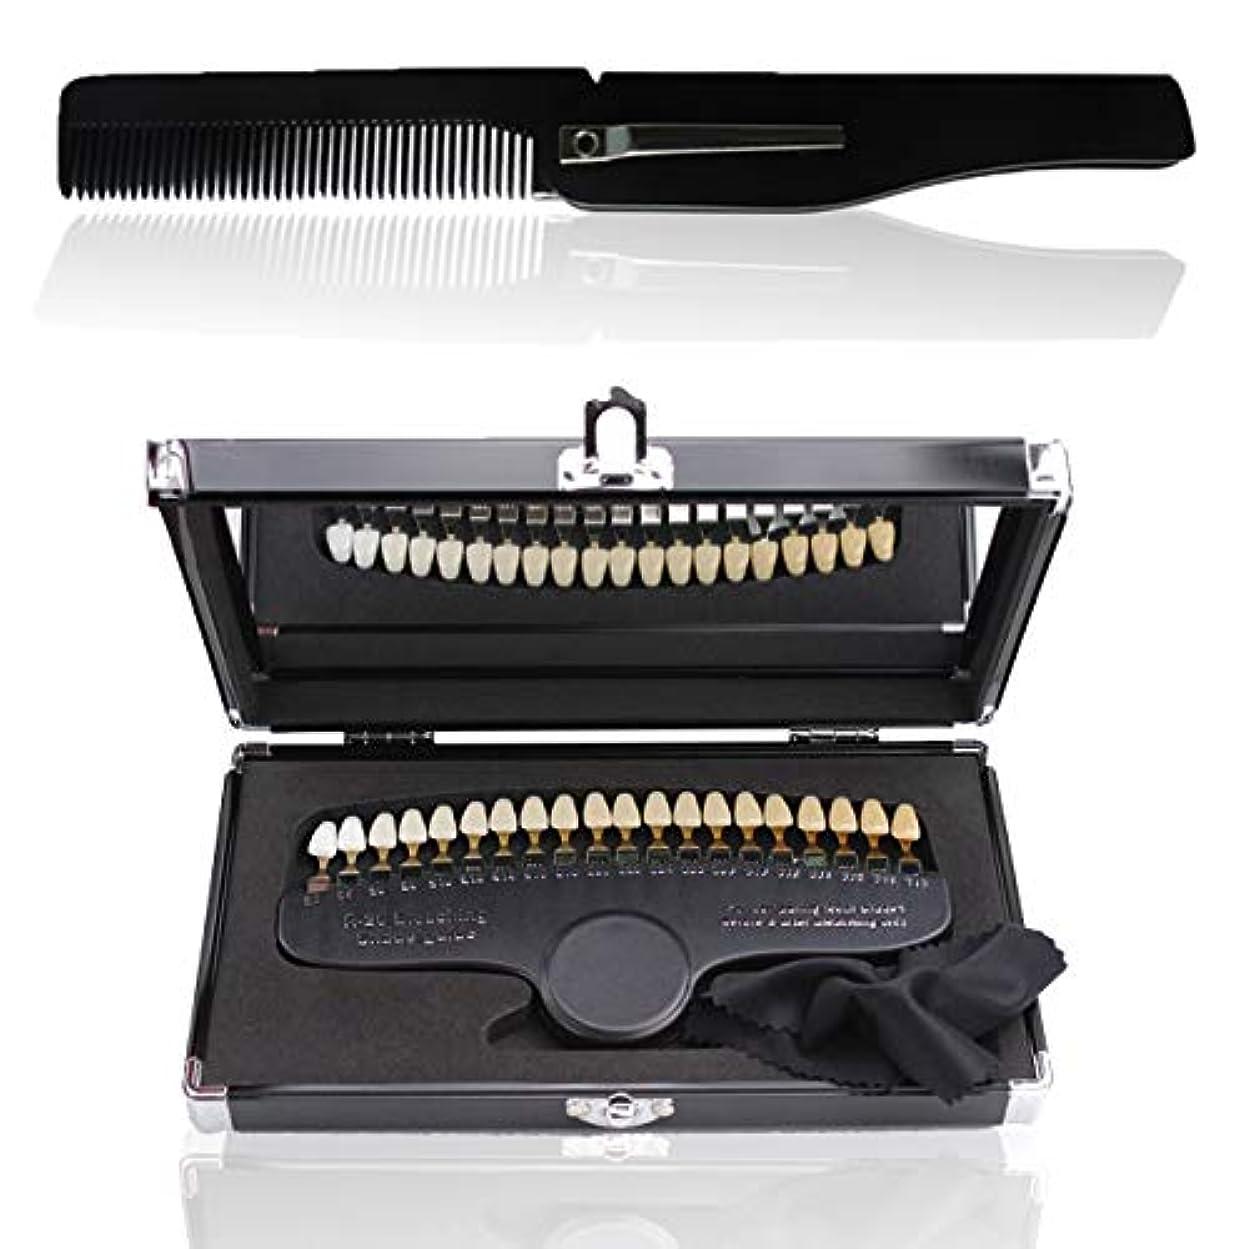 靴サイレンモトリーフェリモア 歯 シェードガイド 色見本 歯列模型 段階的 櫛付き 鏡付き 収納ケース付き 20段階 (20段階)